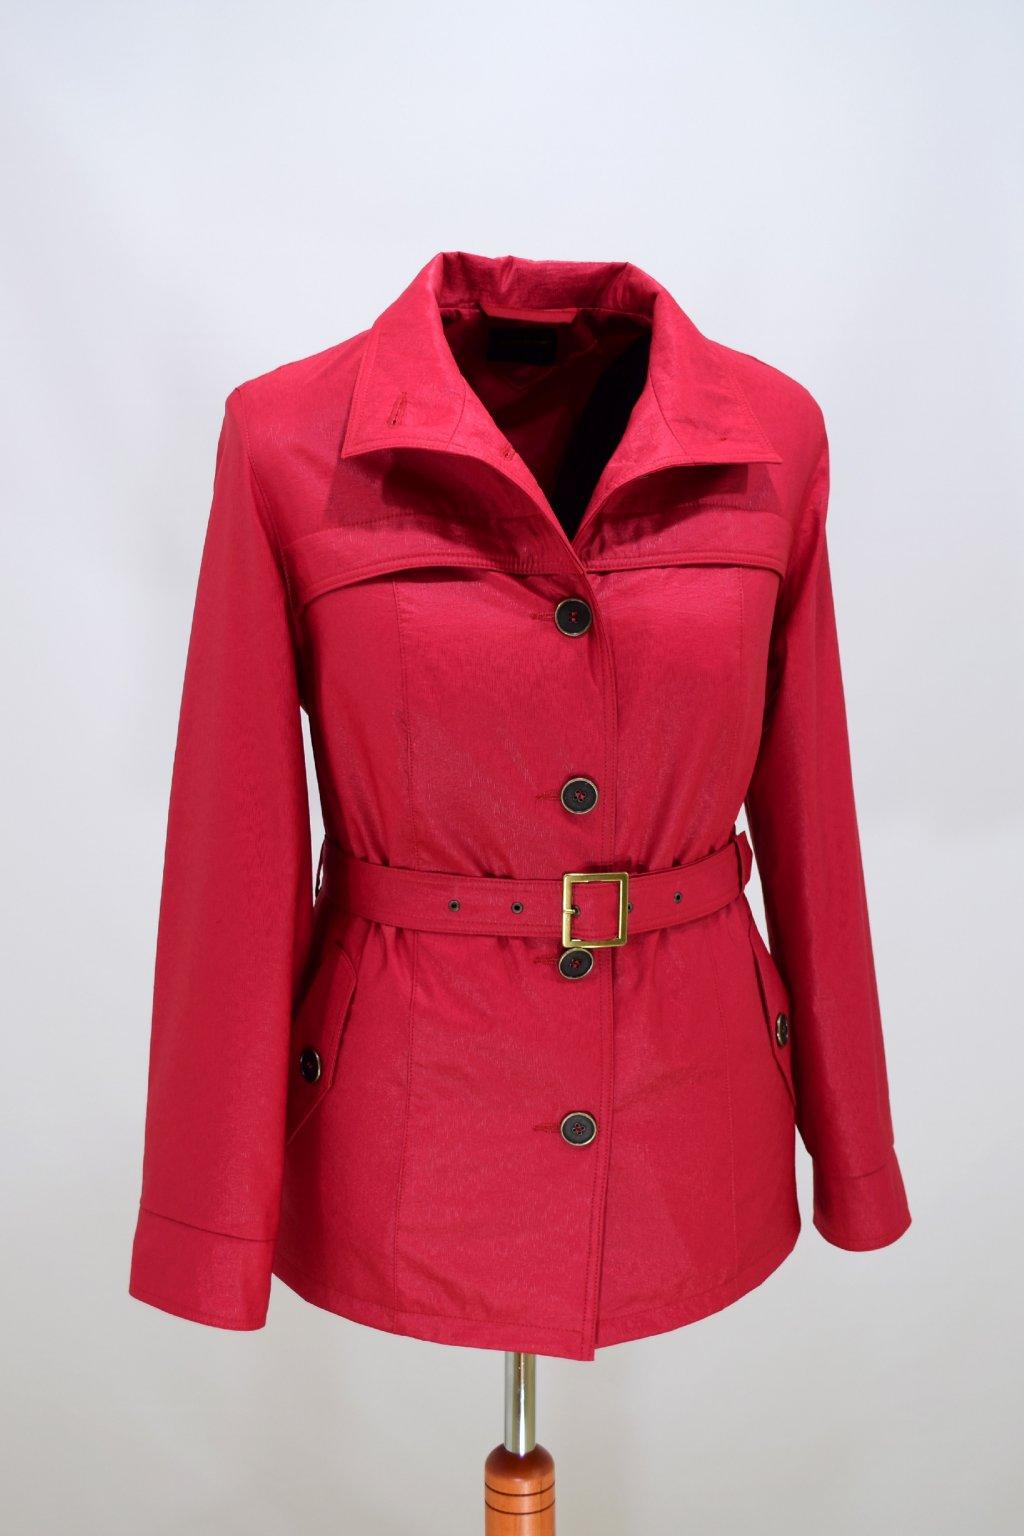 Dámský jarní kabátek Laura nadměrné velikosti.